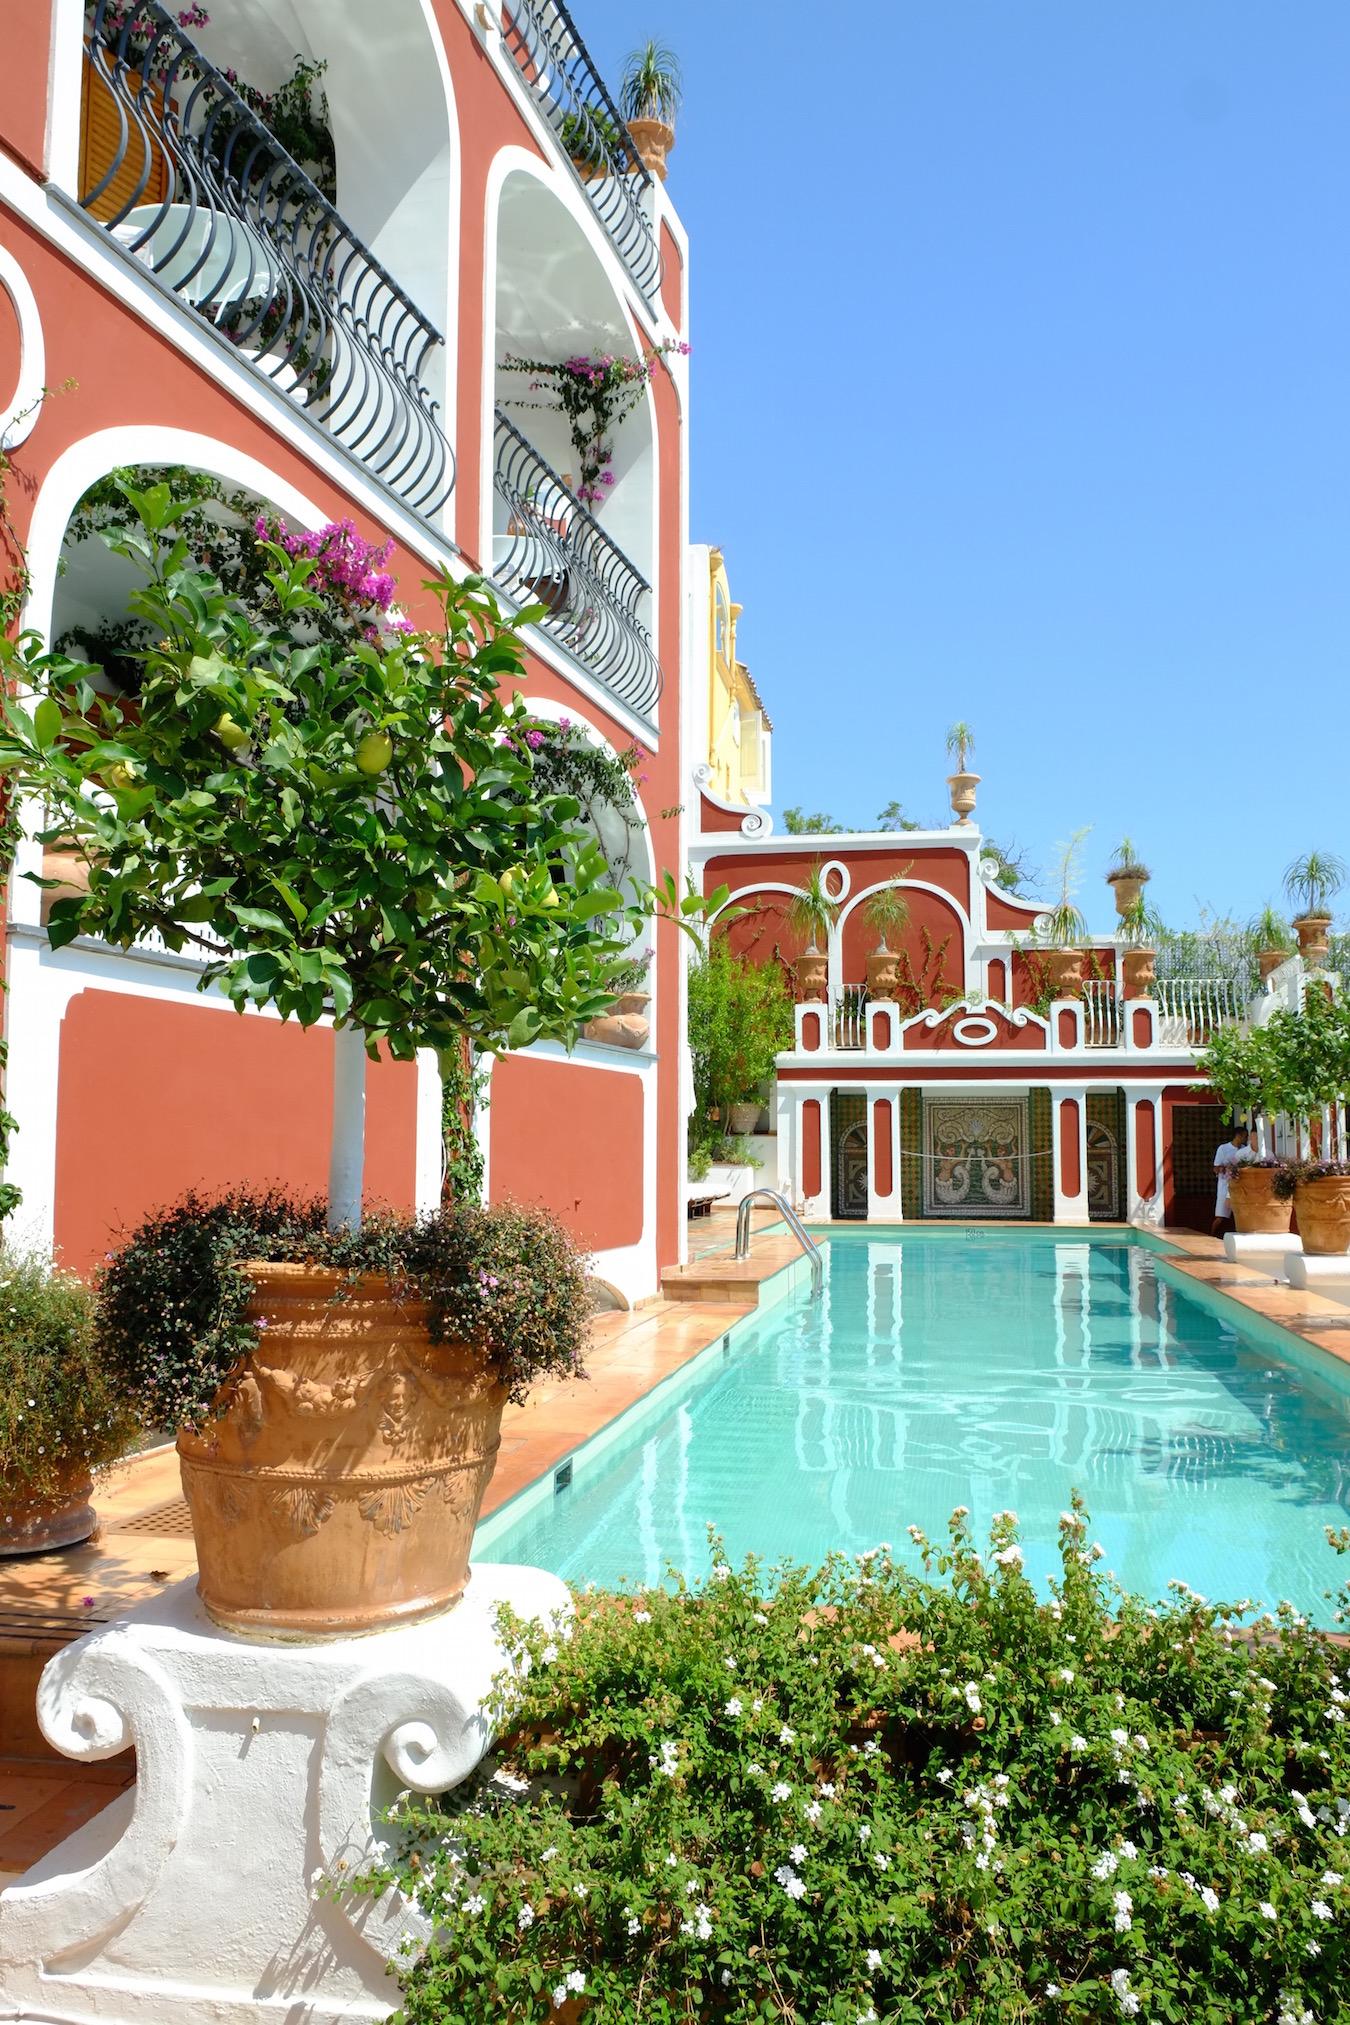 hotel sirenuse in amalfi